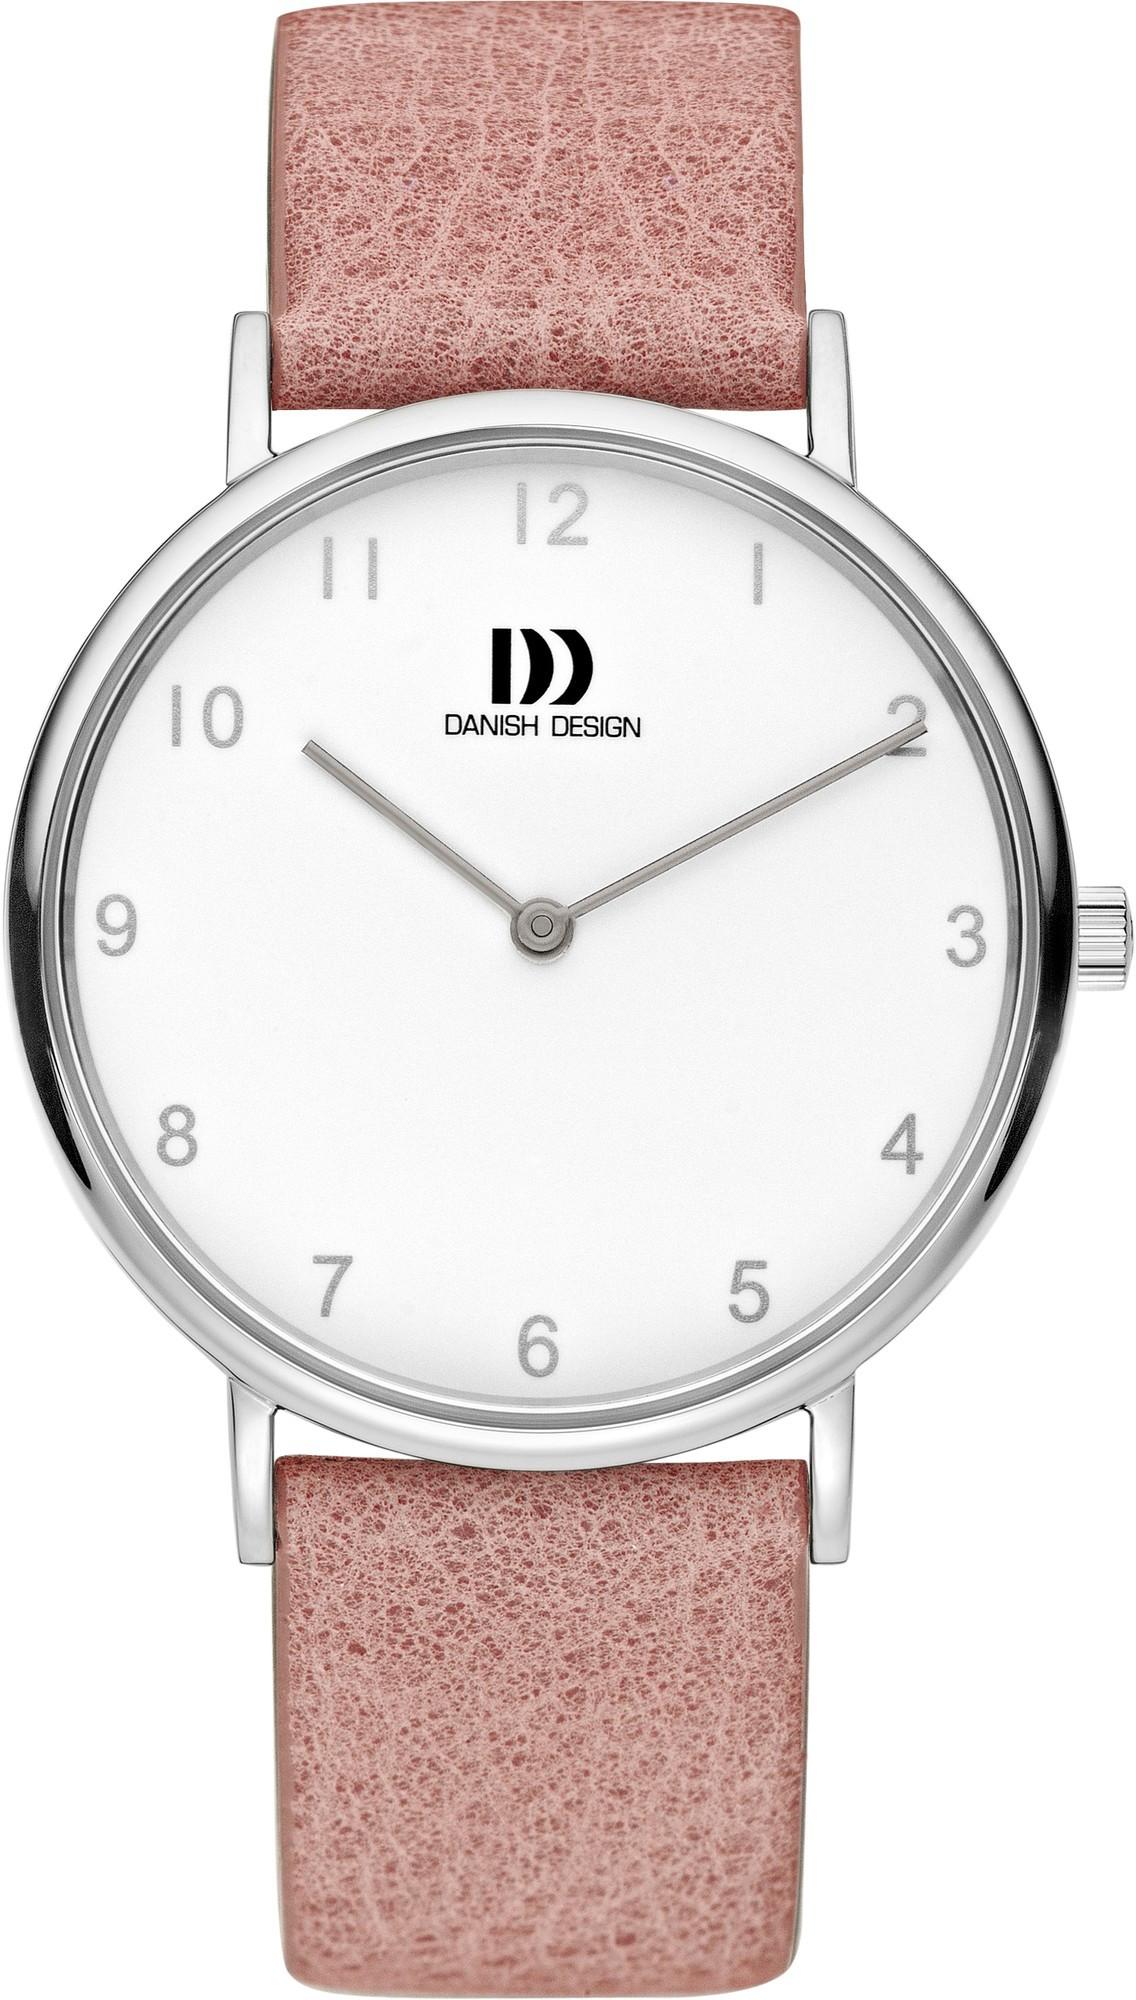 Danish Design IV20Q1173